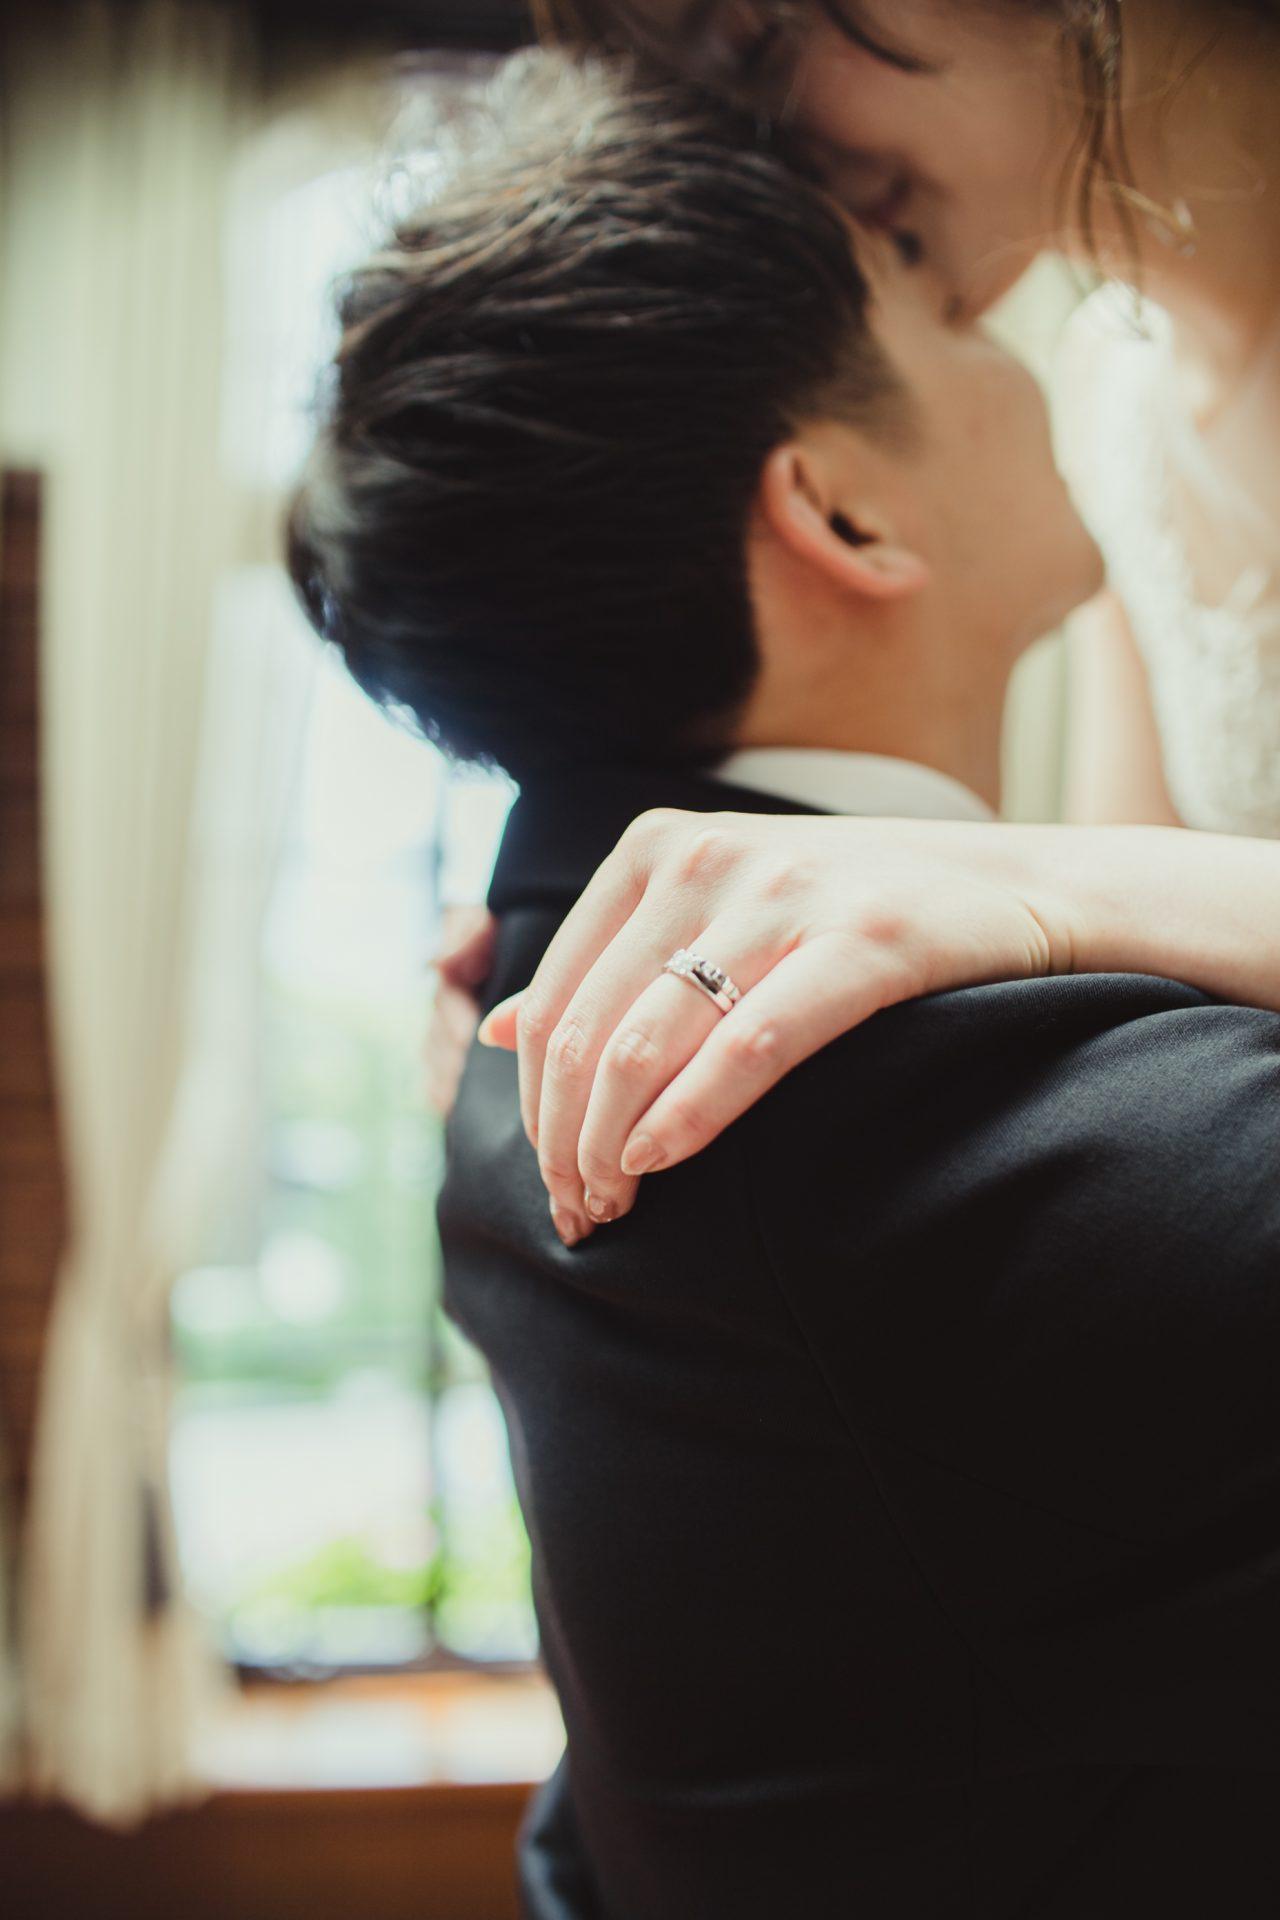 ご新郎様とご新婦様のお二人らしいお写真を残していただける結婚式前に行う前撮りも、ドレスショップ ザ・トリート・ドレッシングでは海外のトップブランドのウェディングドレスをご紹介させていただくことができます